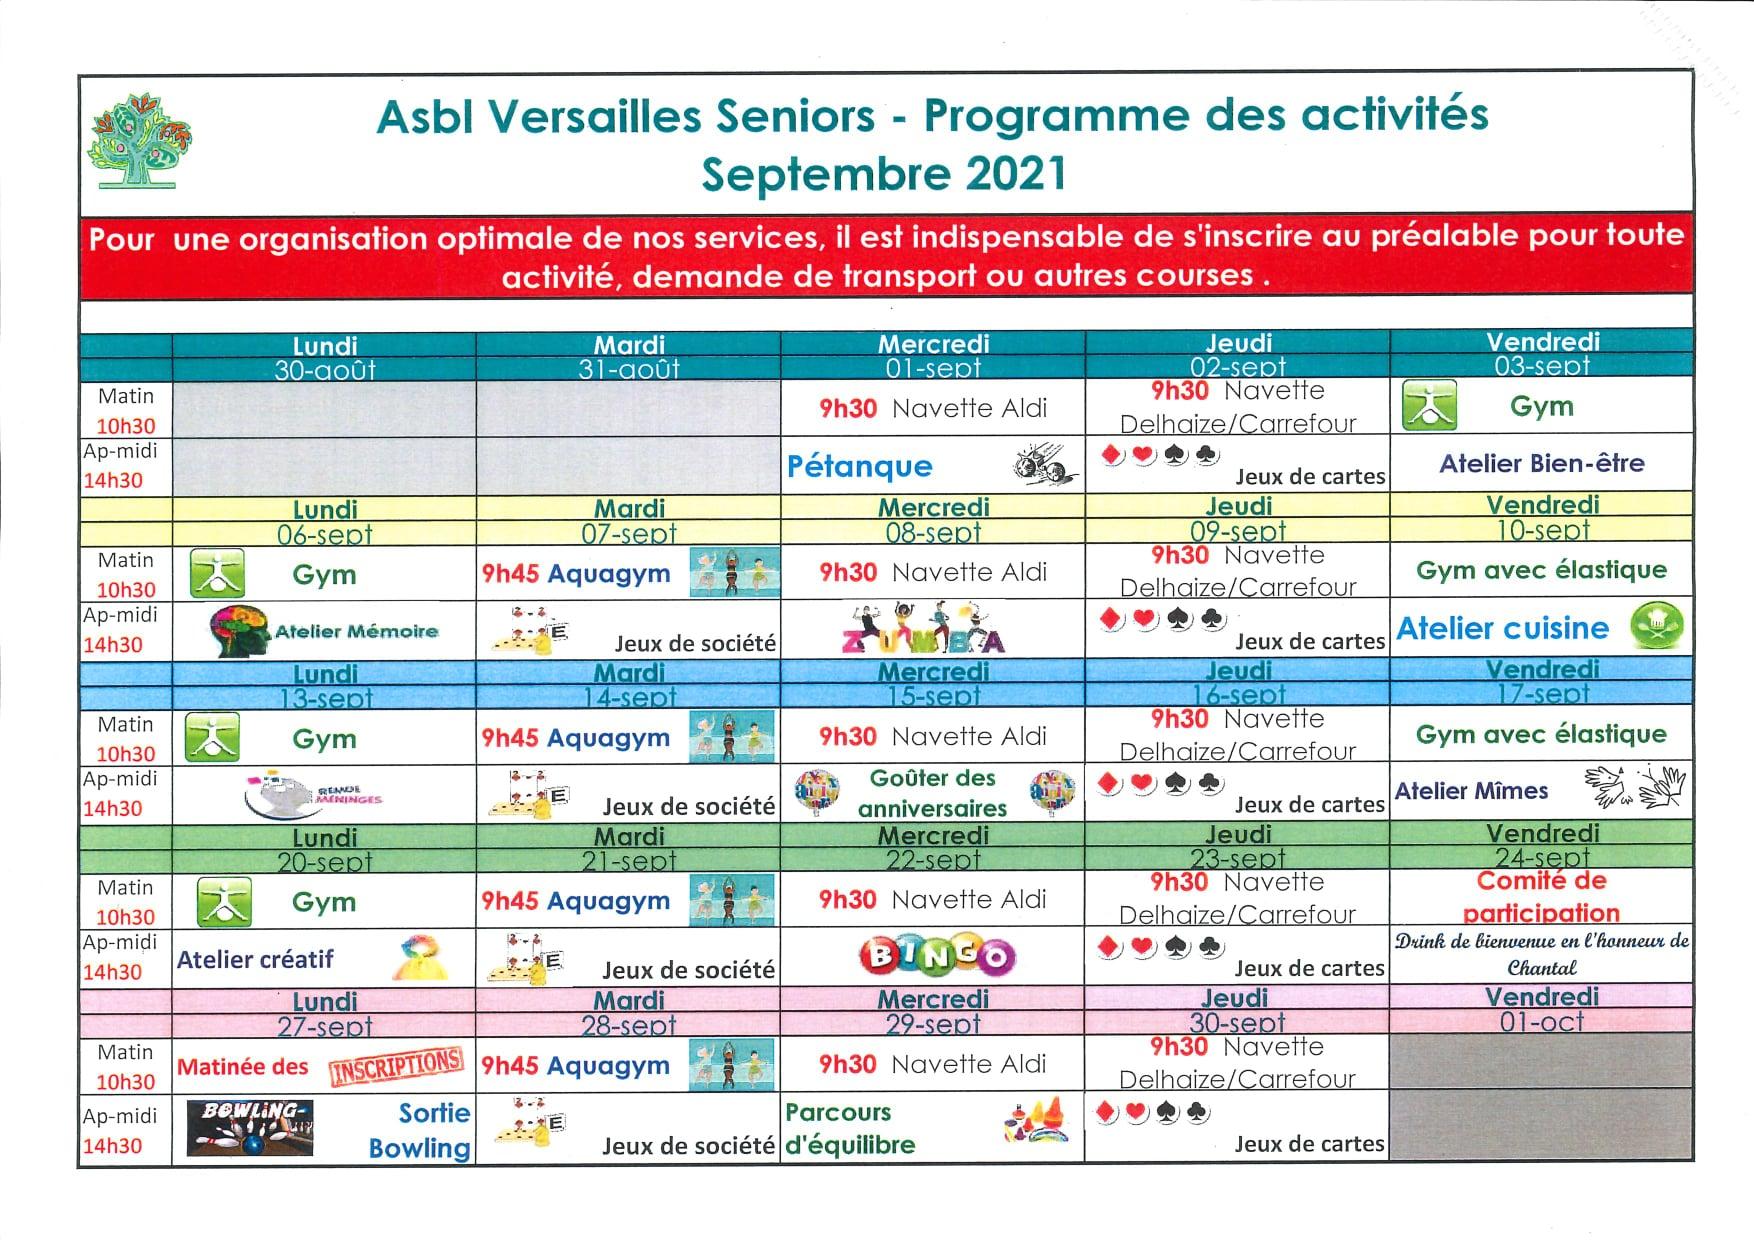 Programme de septembre du centre de jour Asbl Versailles Seniors